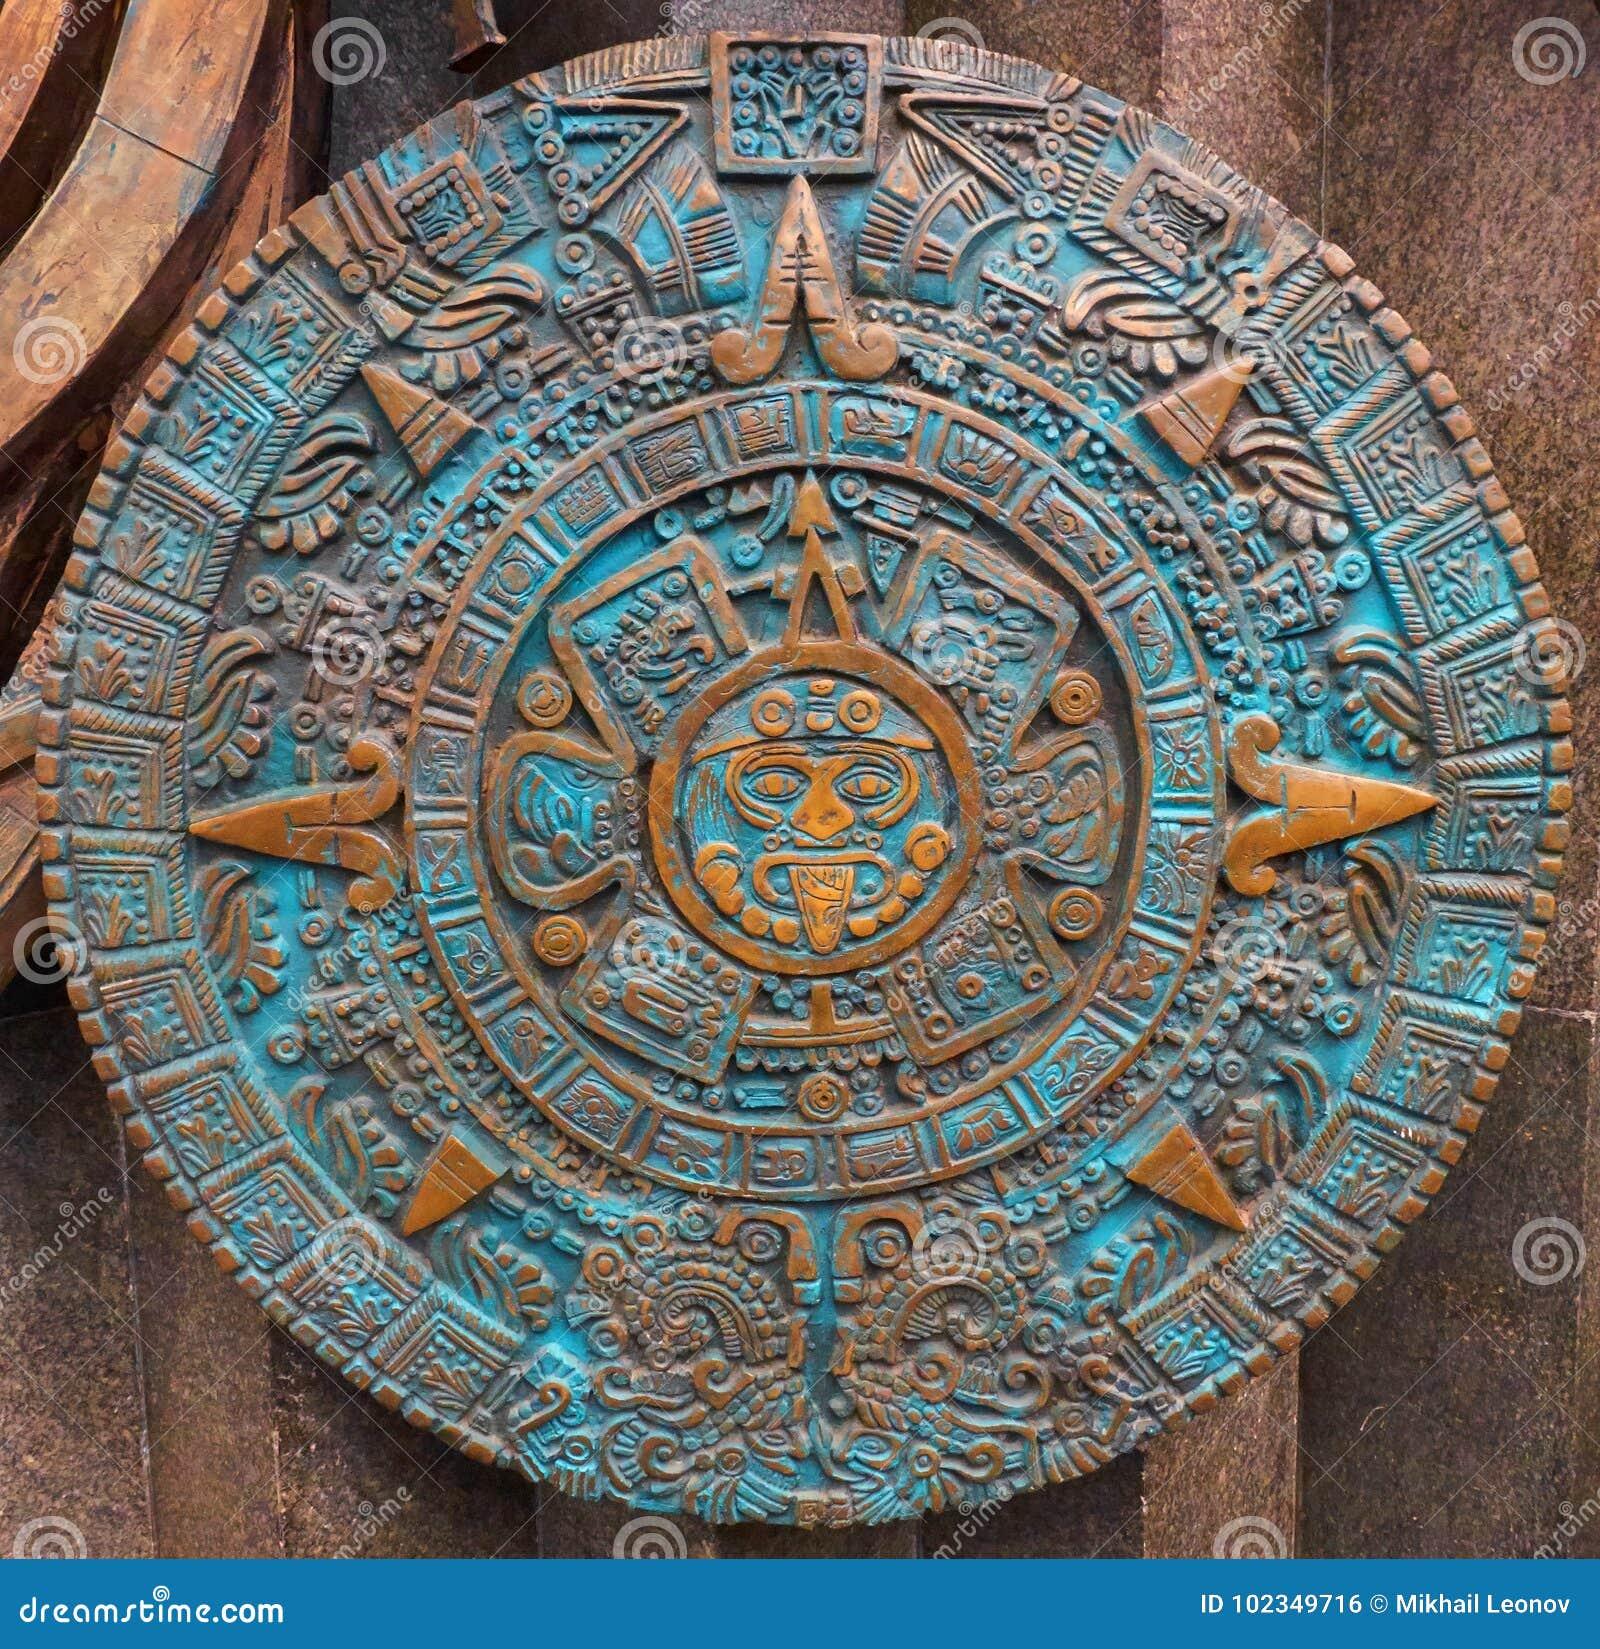 Αρχαίο παλαιό κλασσικό των Αζτέκων ημερολόγιο χαλκού γύρω από το υπόβαθρο σχεδίου διακοσμήσεων σχεδίων διακοσμήσεων Των Αζτέκων α